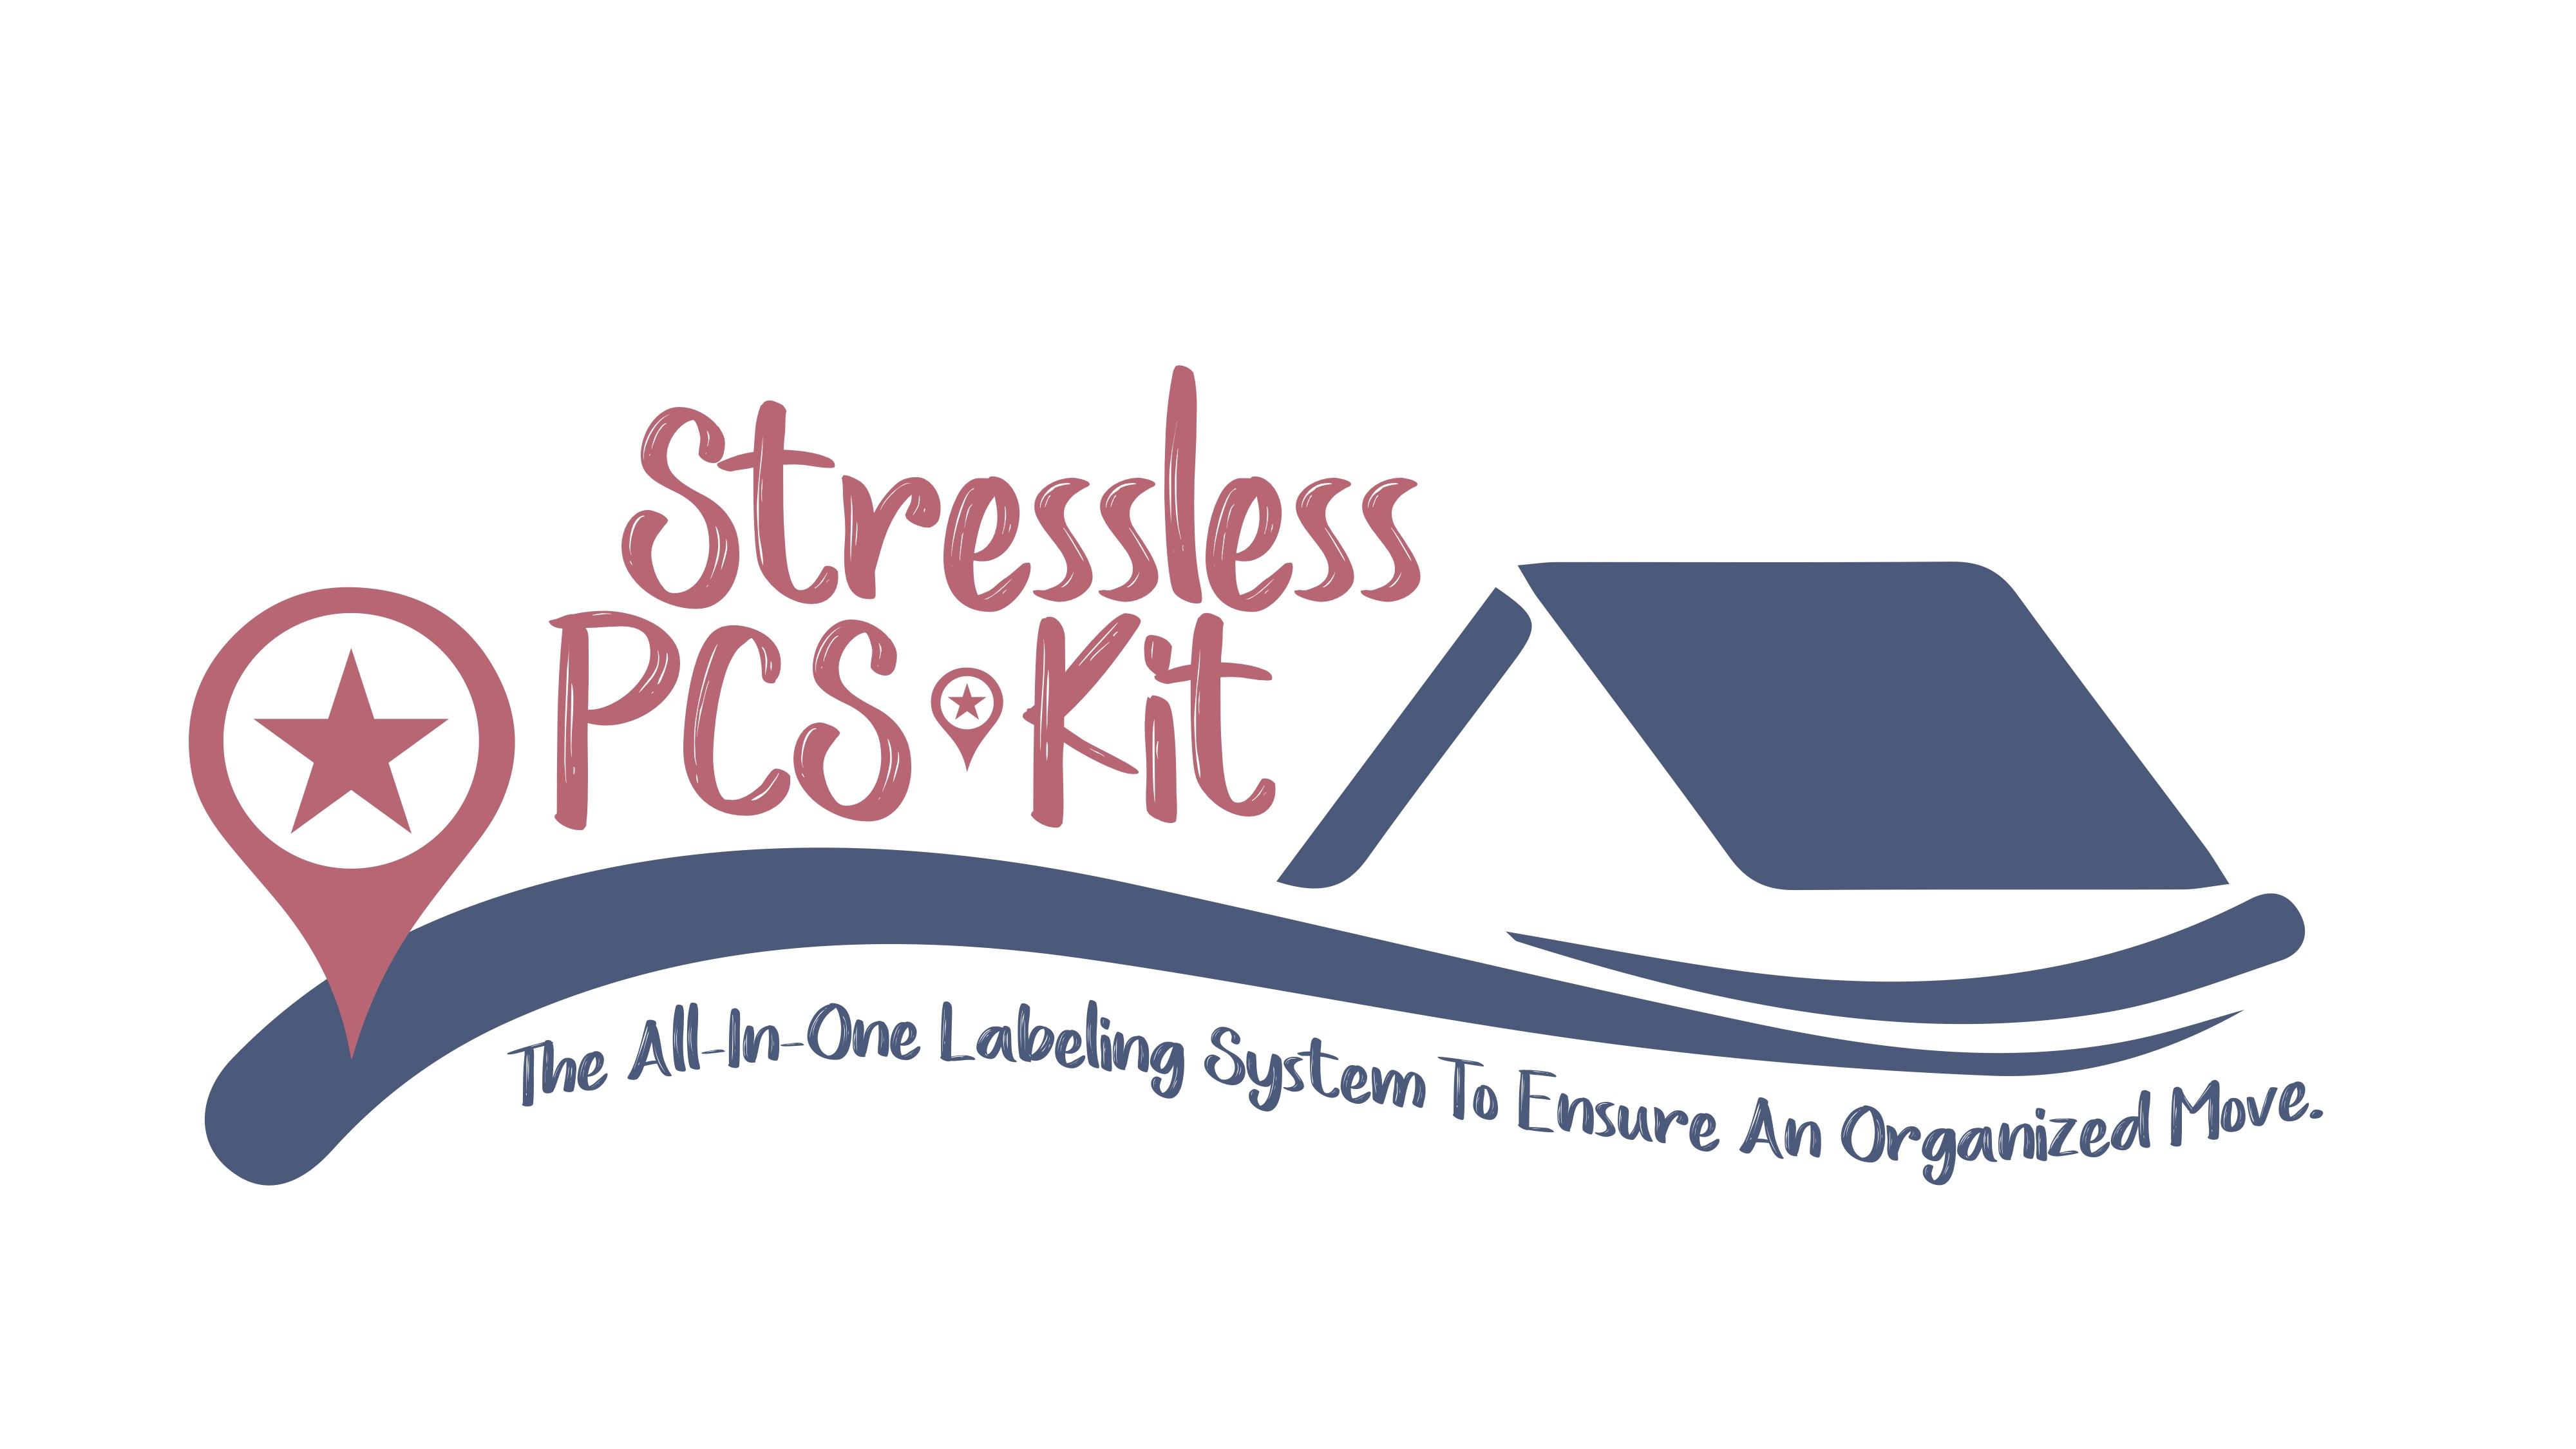 www.stresslesspcskit.com